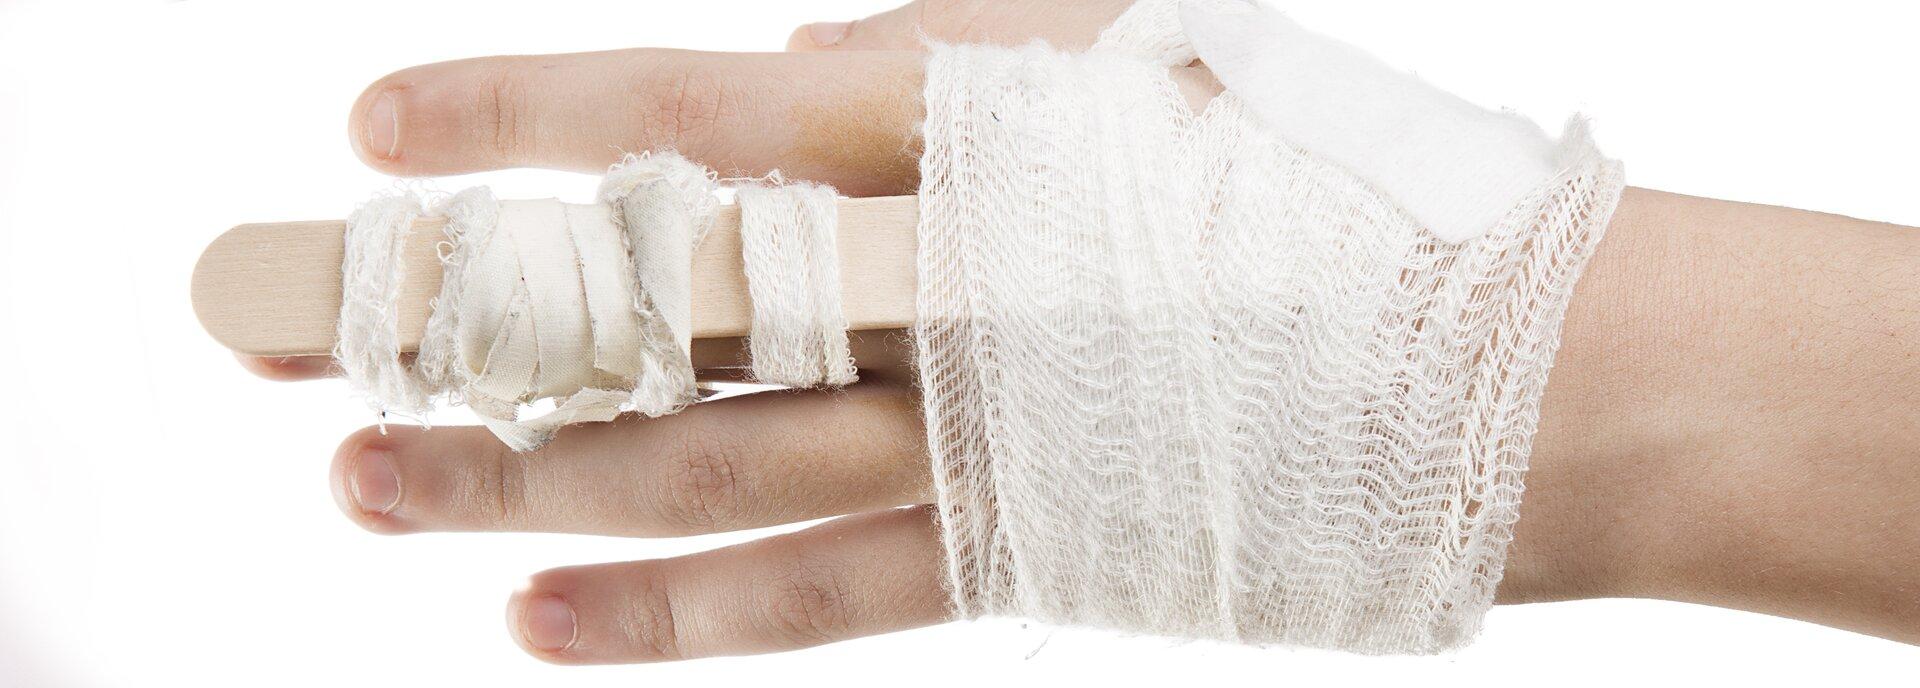 Kolorowe zdjęcie dłoni, wktórej środkowy palec jest usztywniony drewnianym patyczkiem. Dłoń iusztywniony palec są owinięte bandażem.